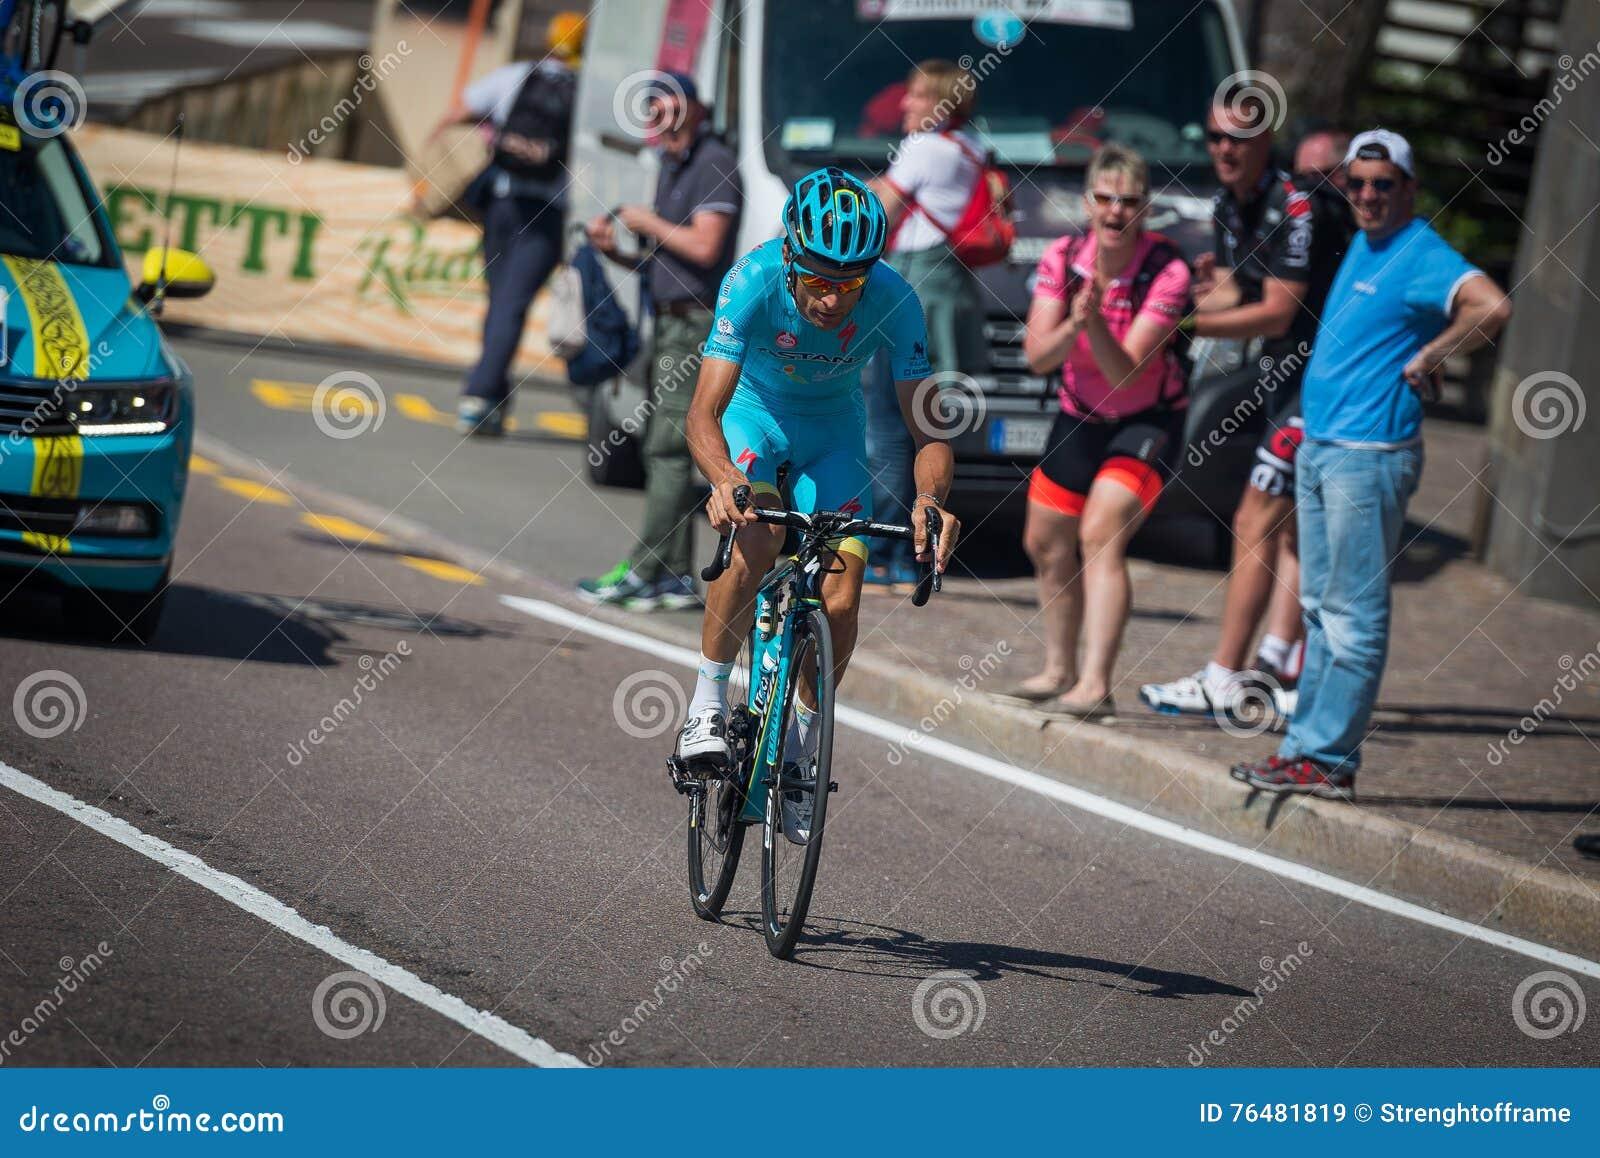 Castelrotto, Italie le 22 mai 2016 ; Cycliste professionnel pendant une montée d essai de difficulté